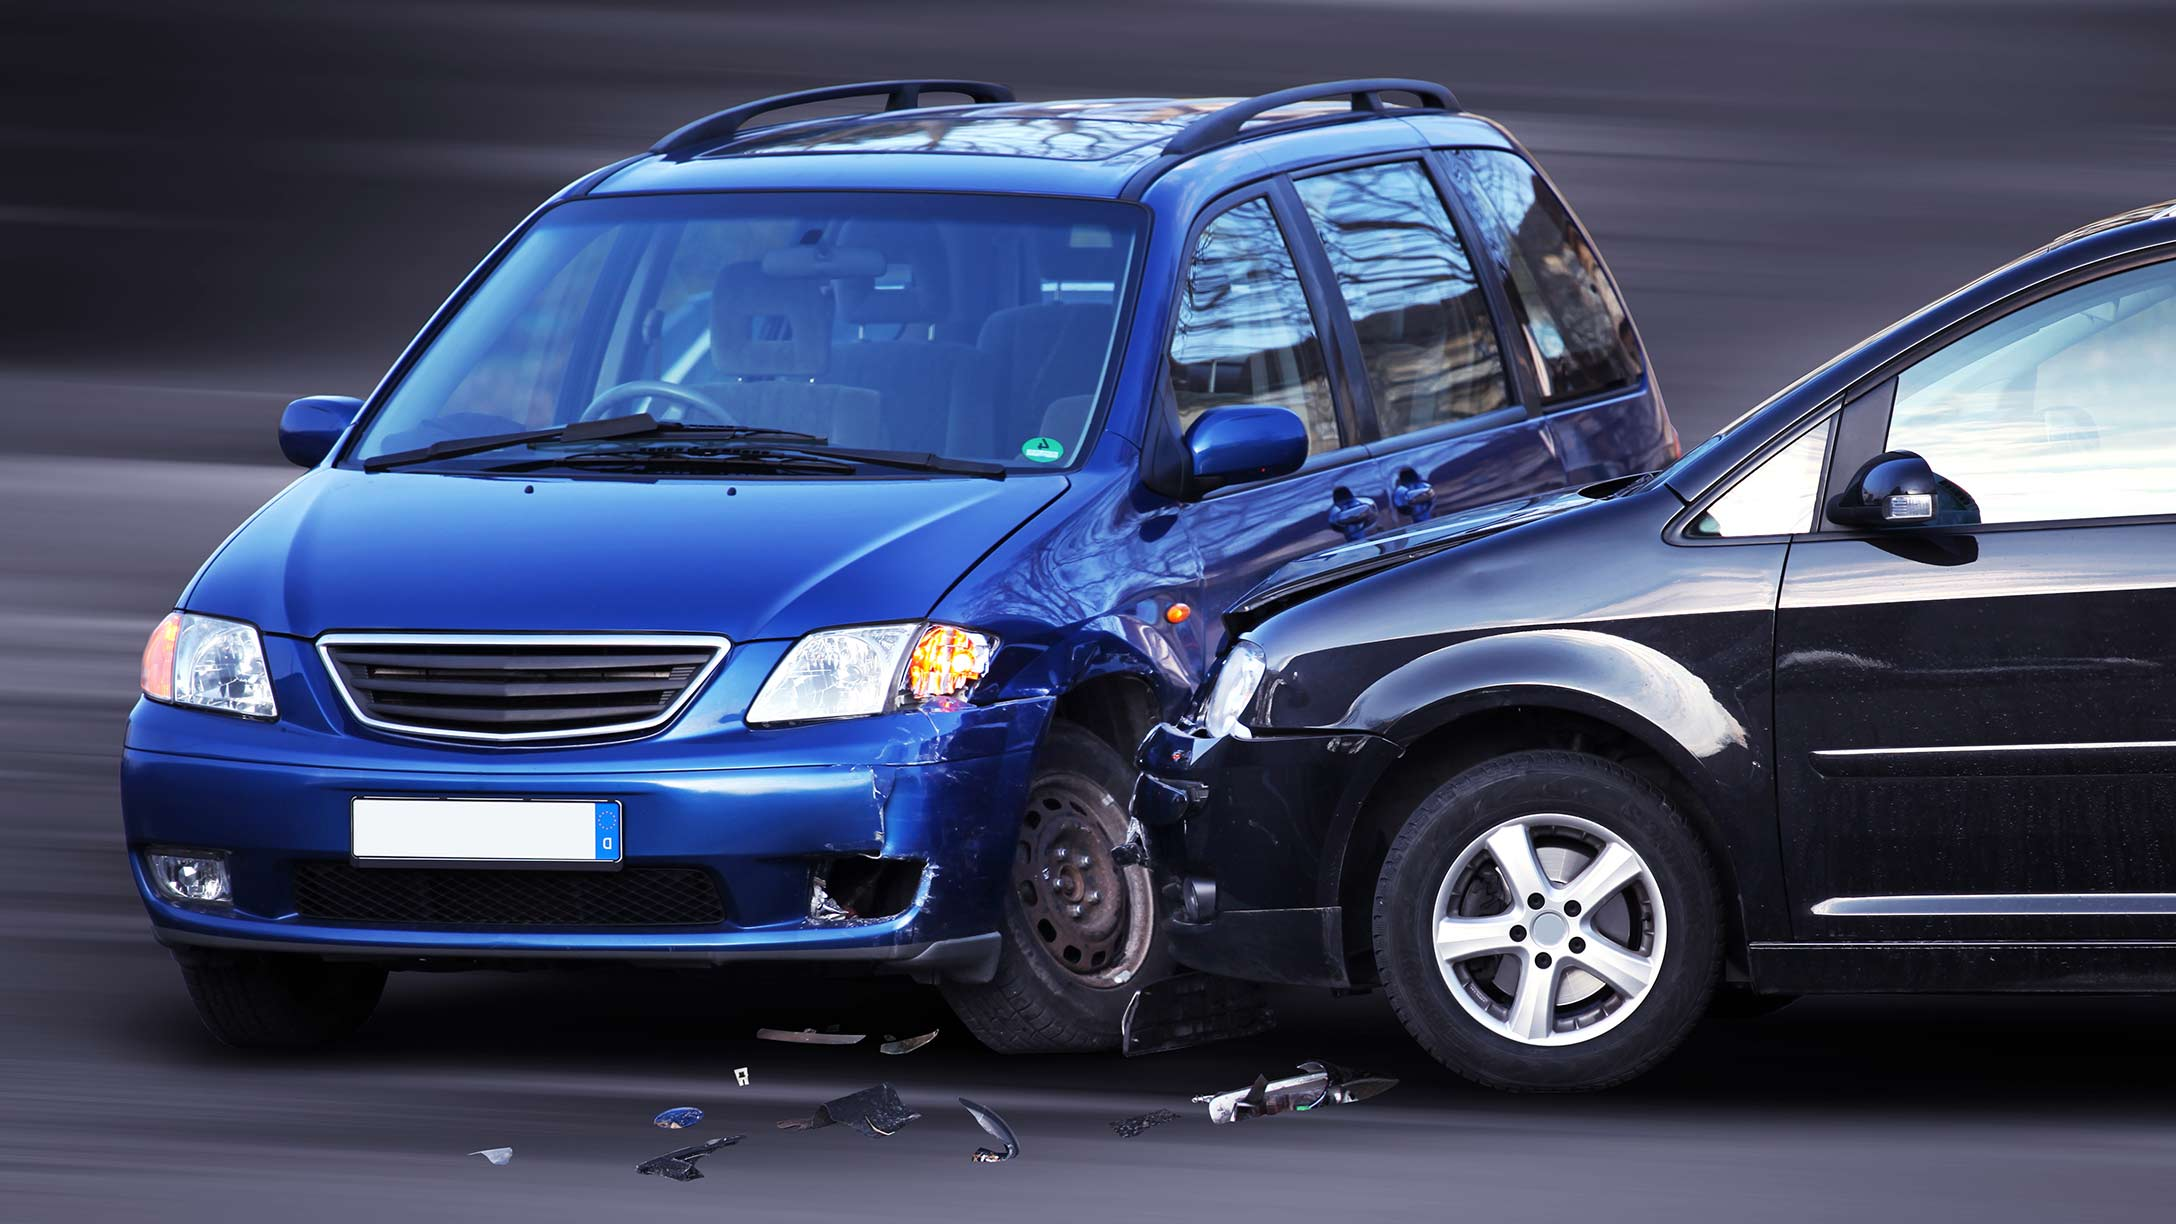 Imagen de dos vehículos color azul claro y azul oscuro, que chocaron entre sí